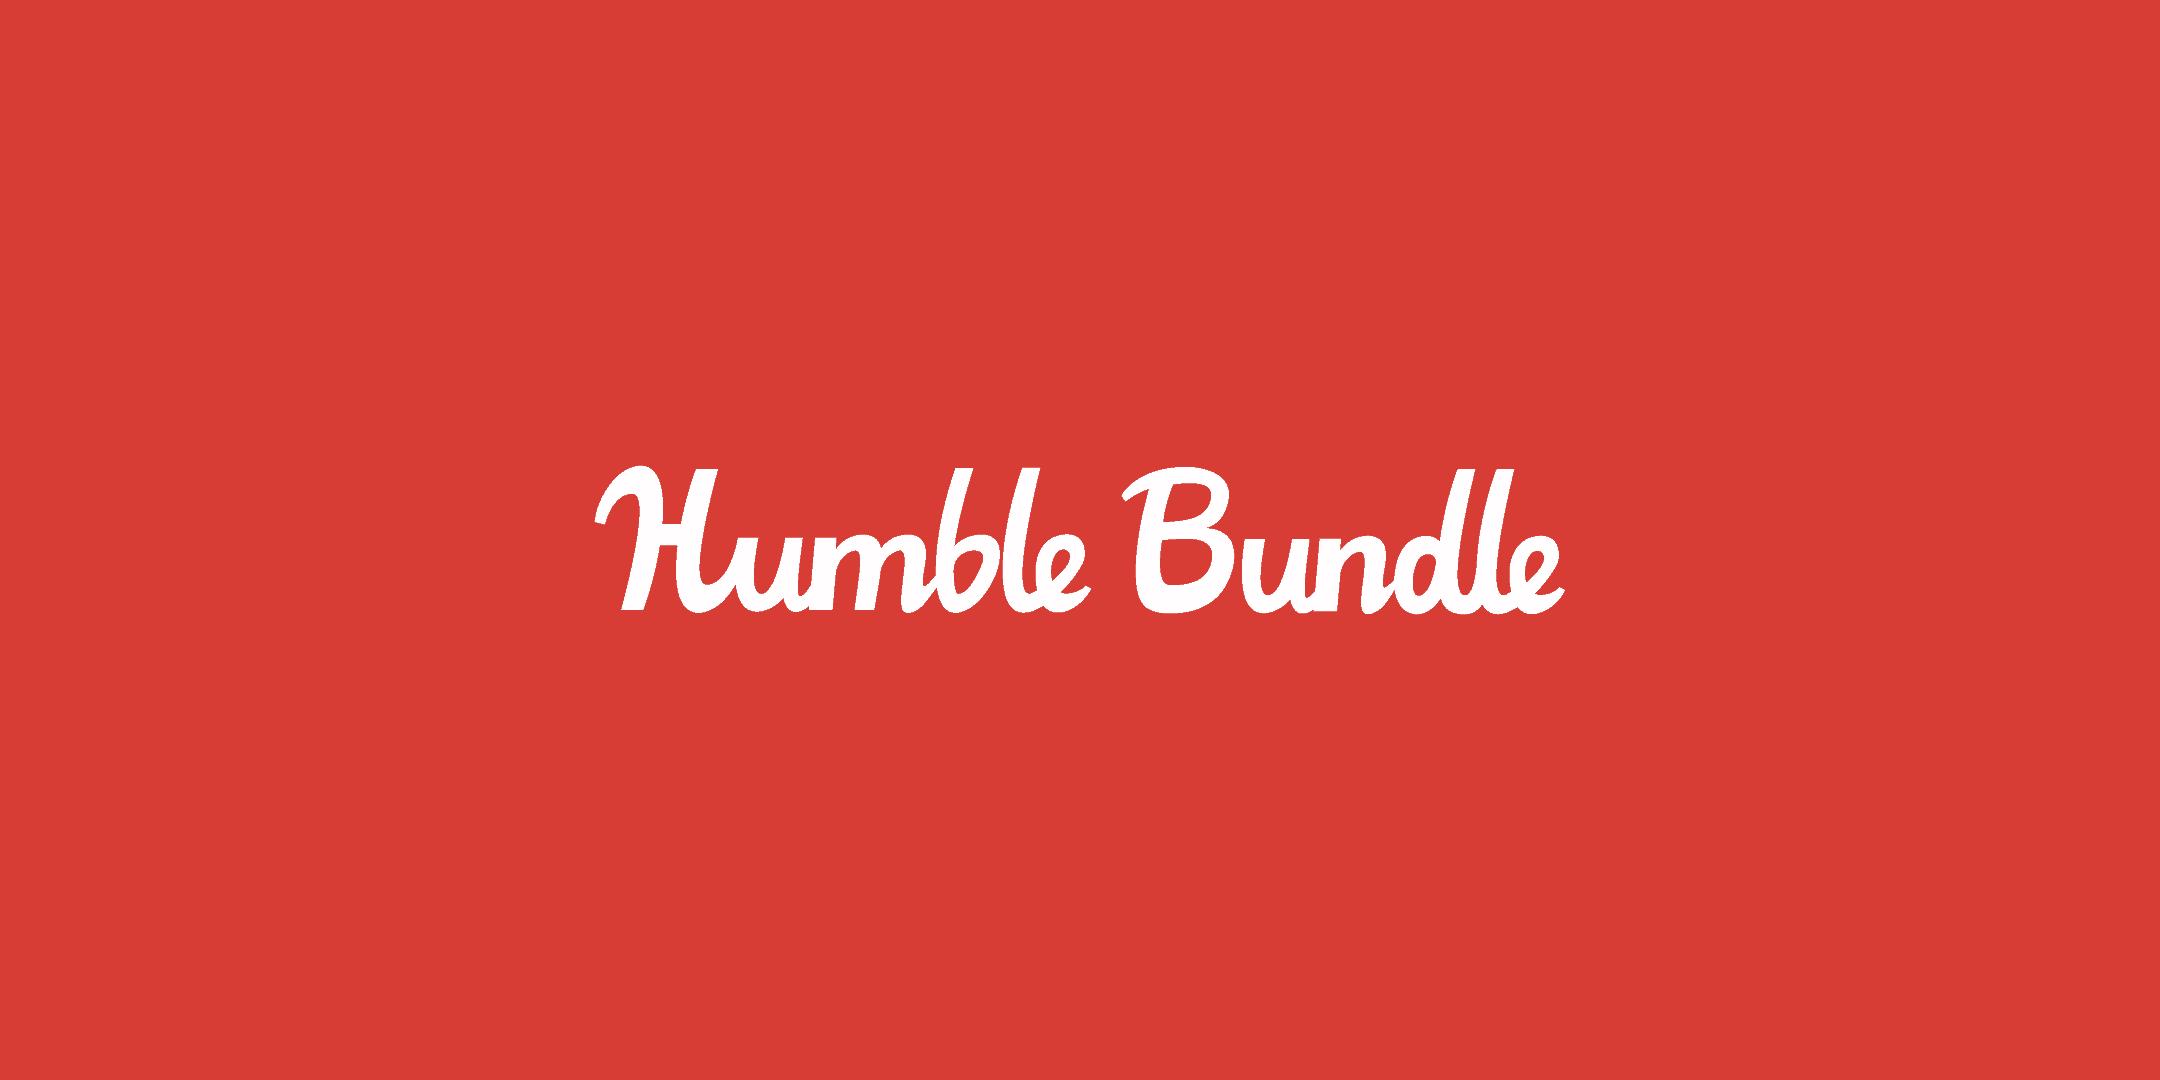 is humble bundle legit